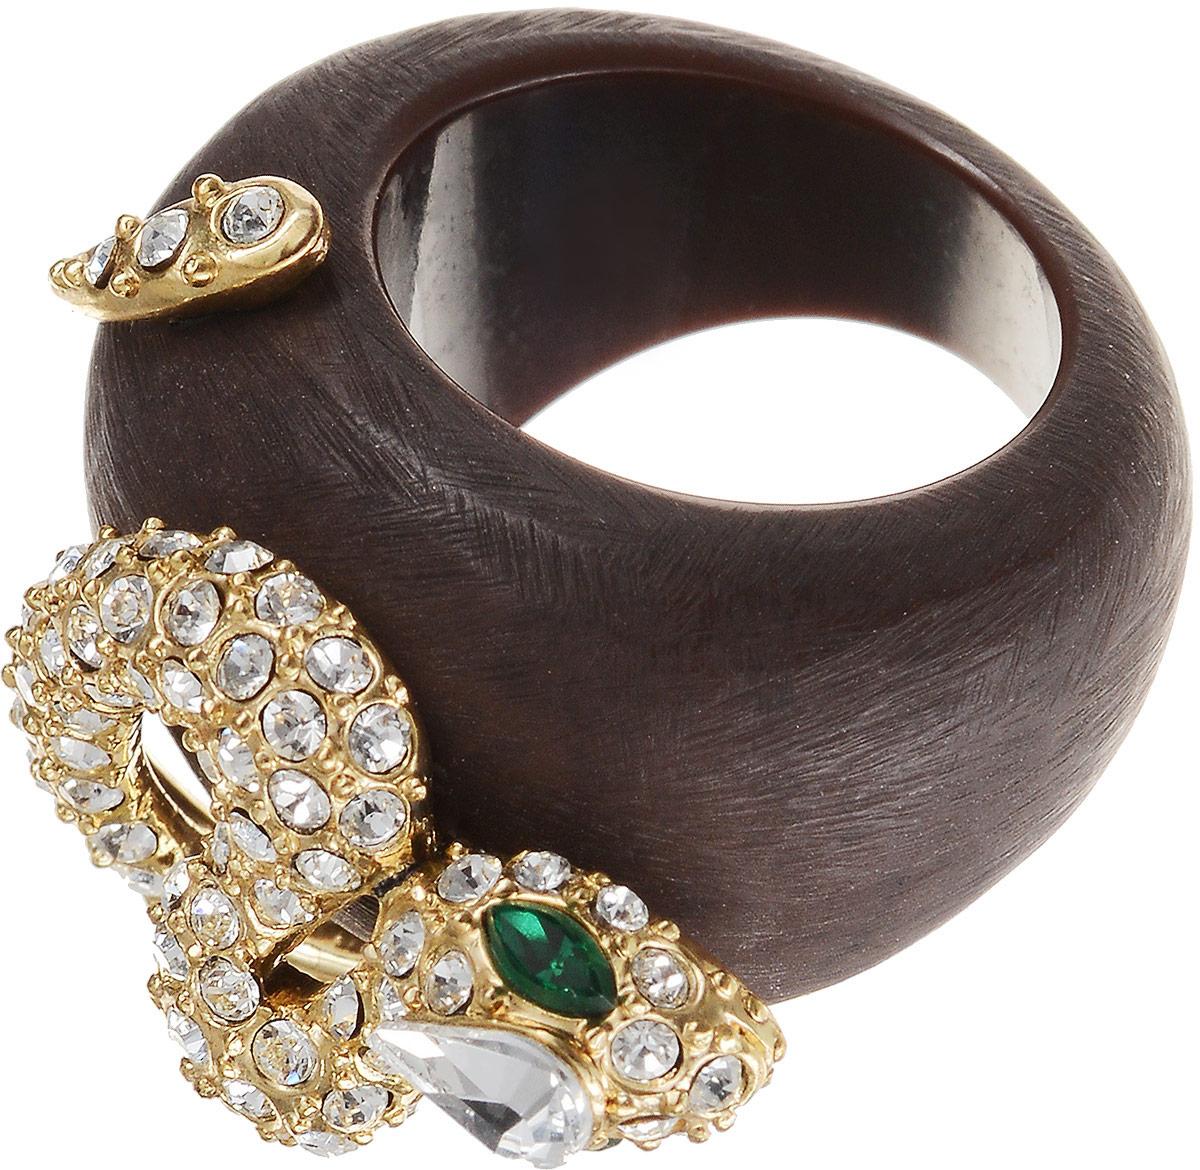 Кольцо женское Art-Silver, цвет: коричневый. М456-500. Размер 16,5М456-500Бижутерный сплав, куб.циркон, дерево, золото 0,01мкрн.